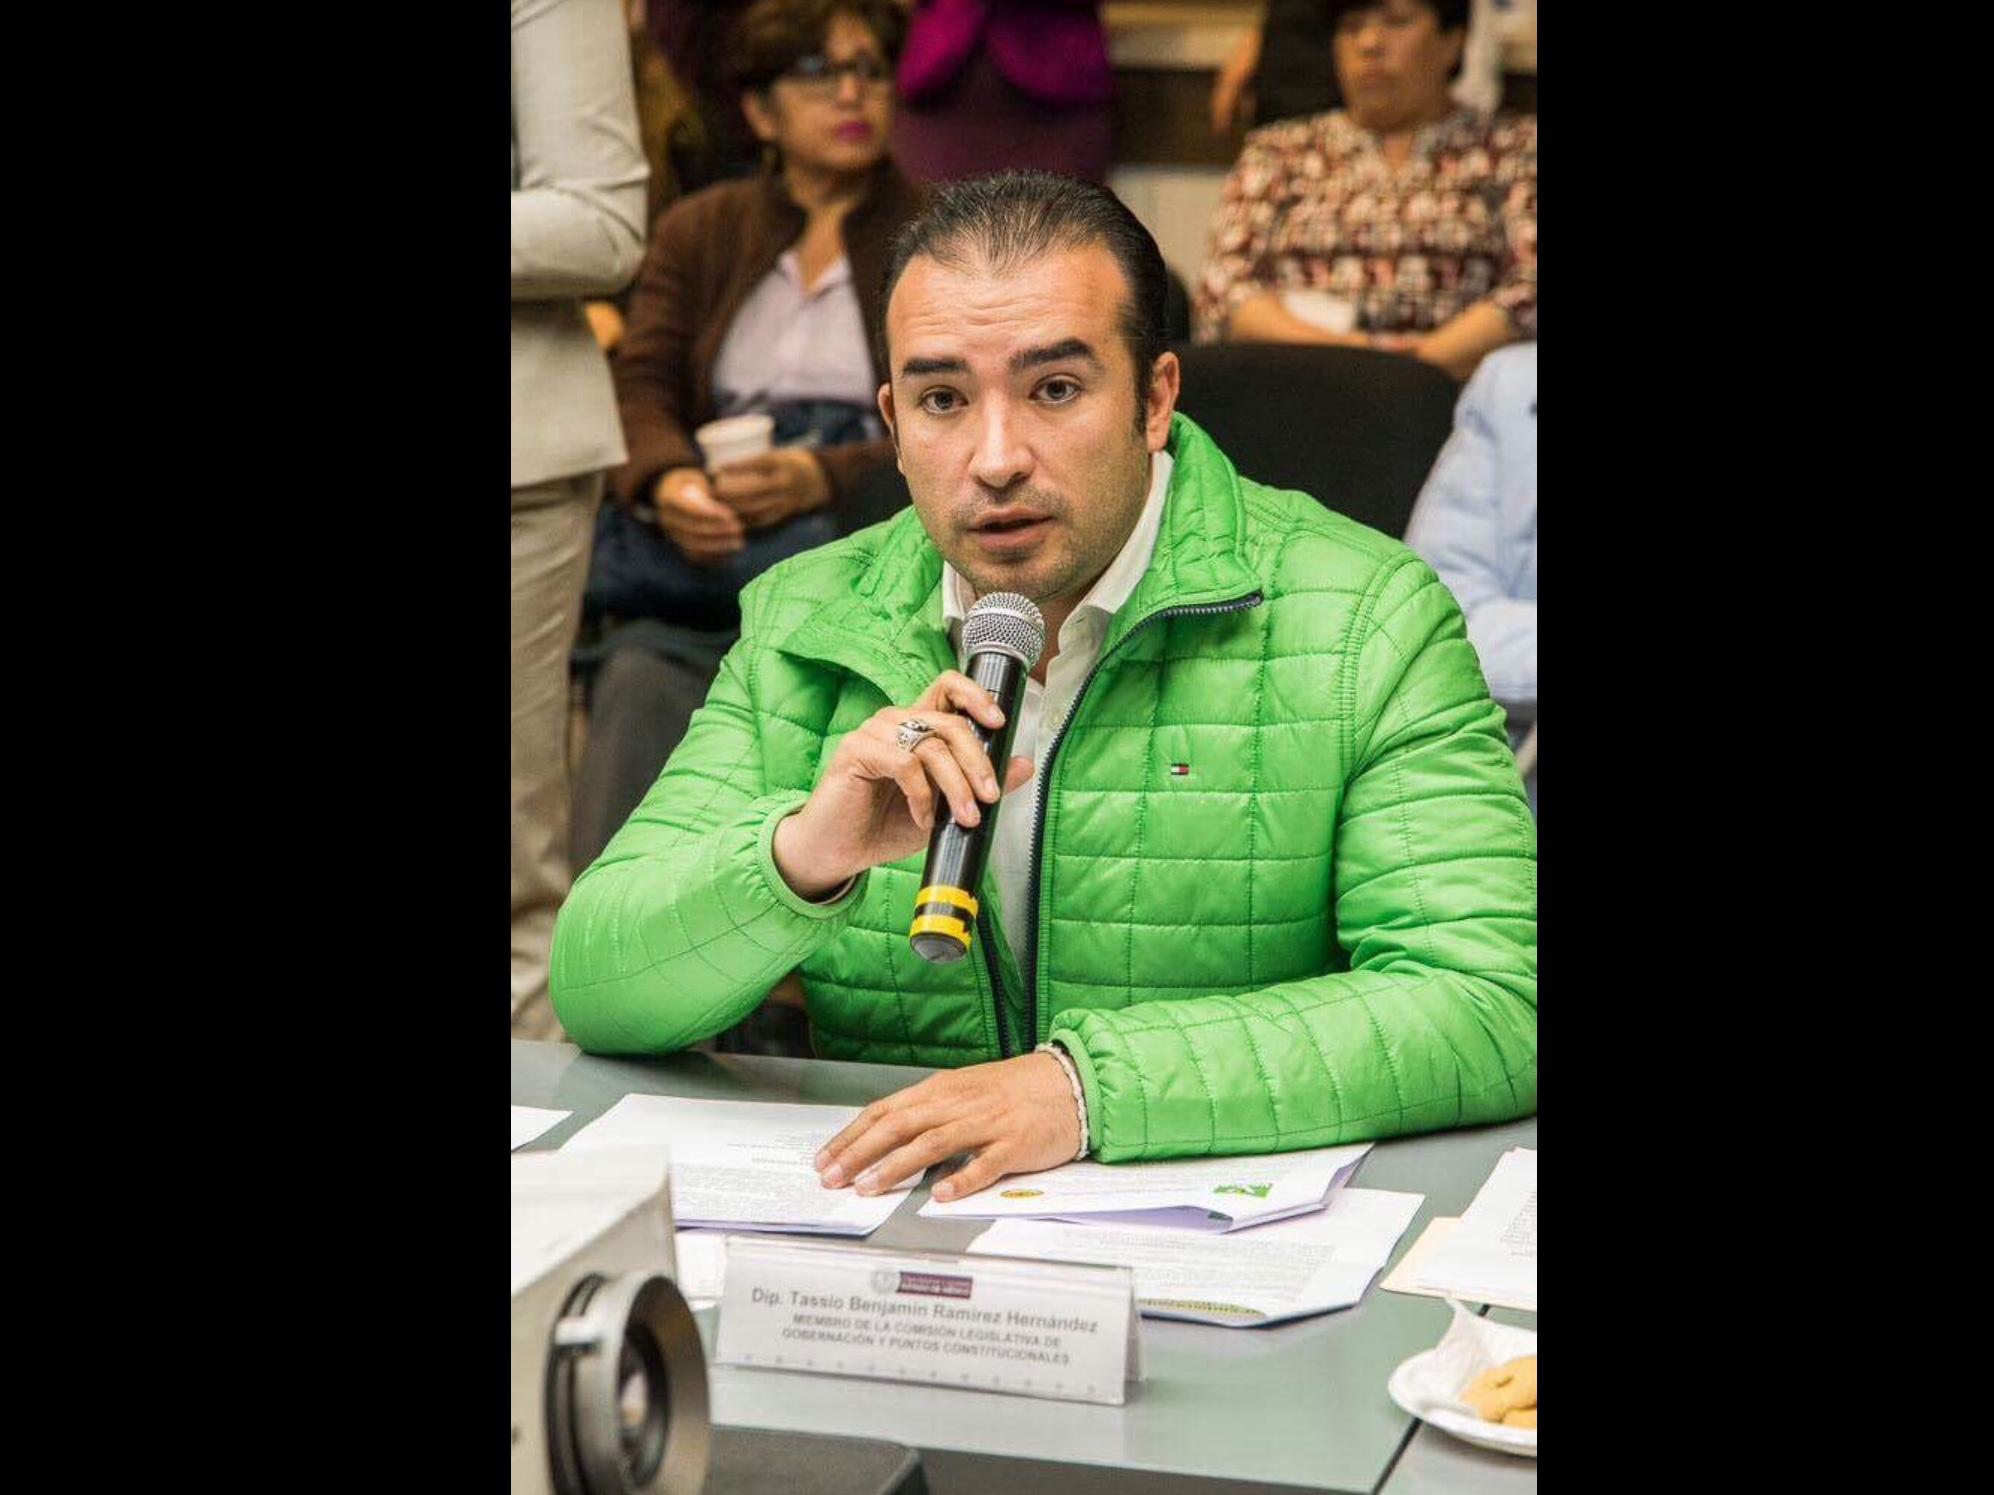 Endurecen sanciones por discriminación en Edoméx